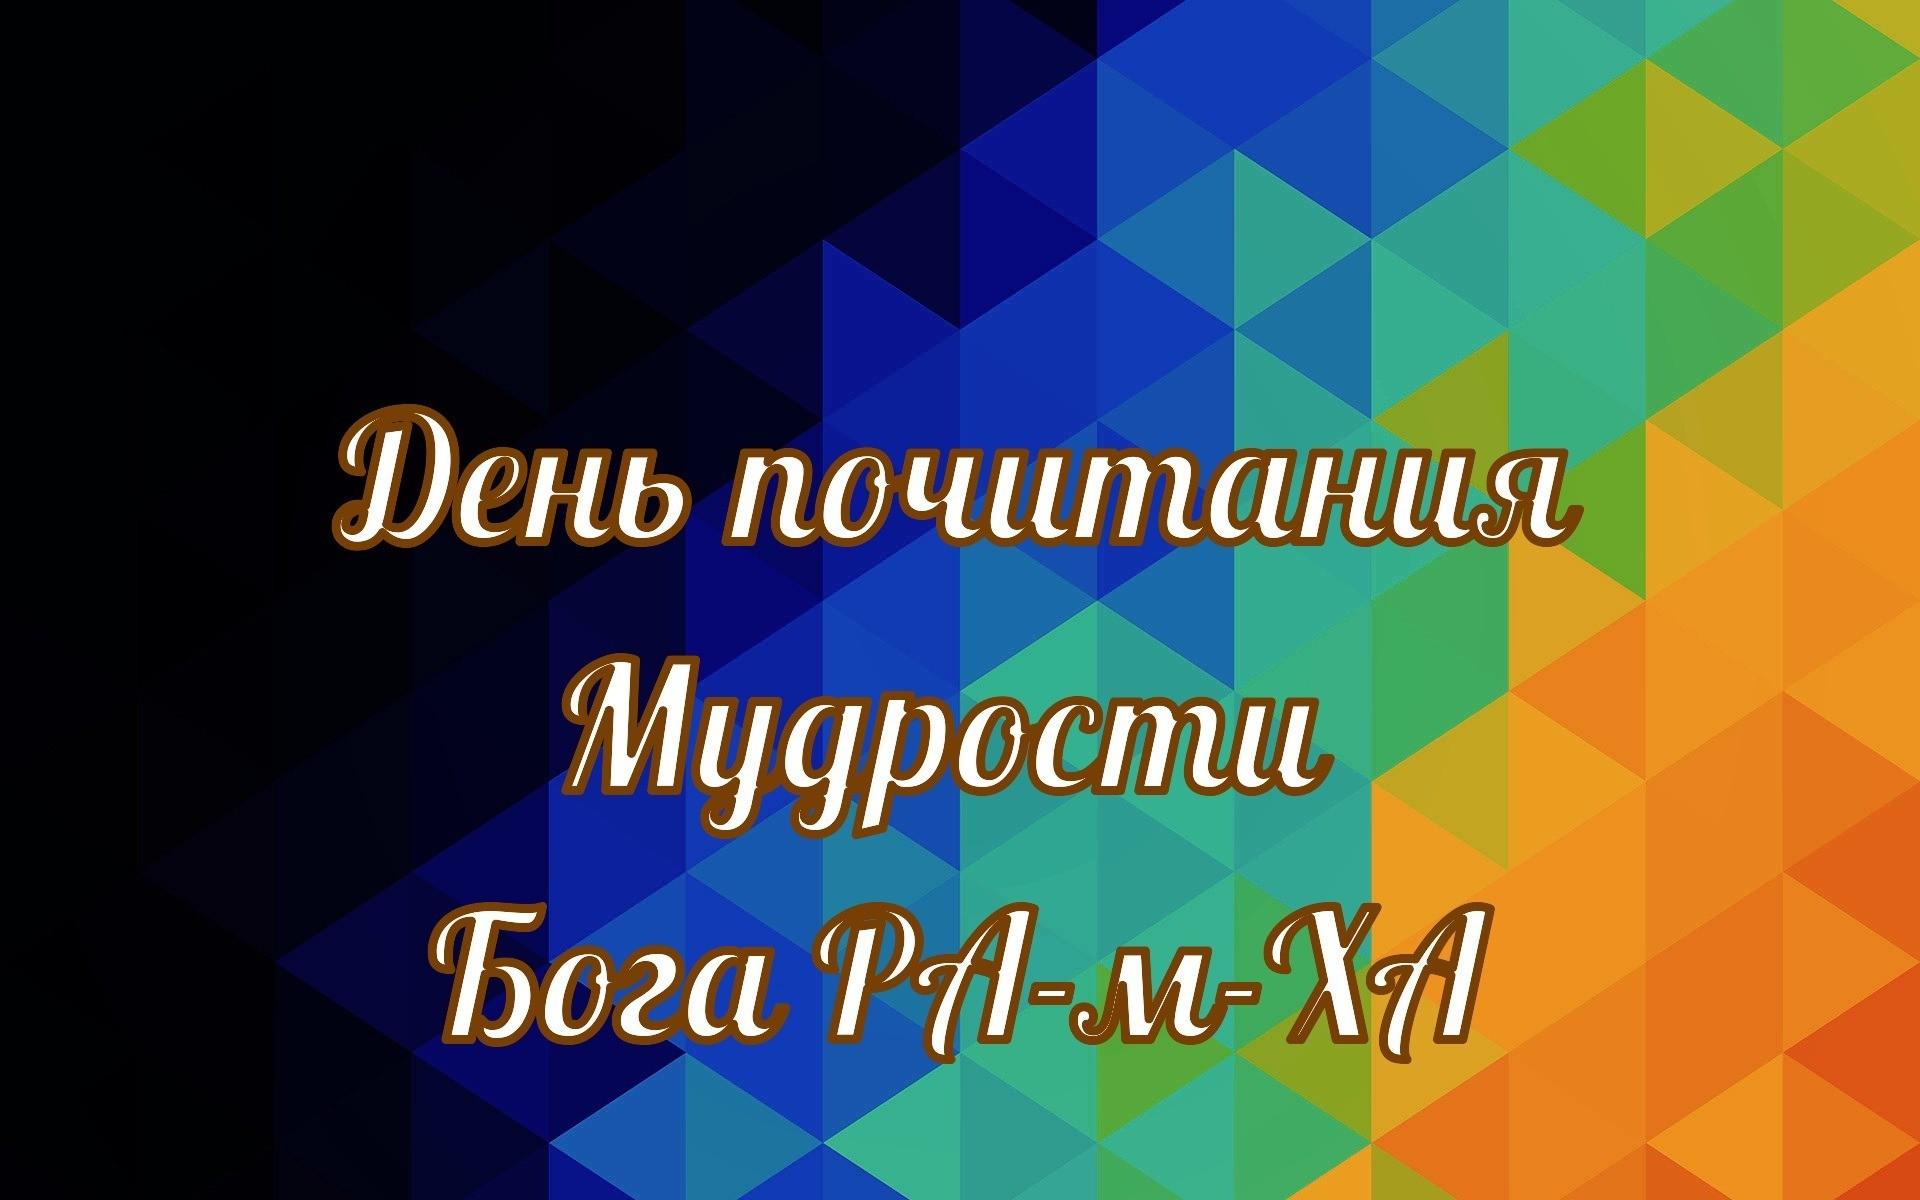 День почитания Мудрости Бога РА-м-ХА